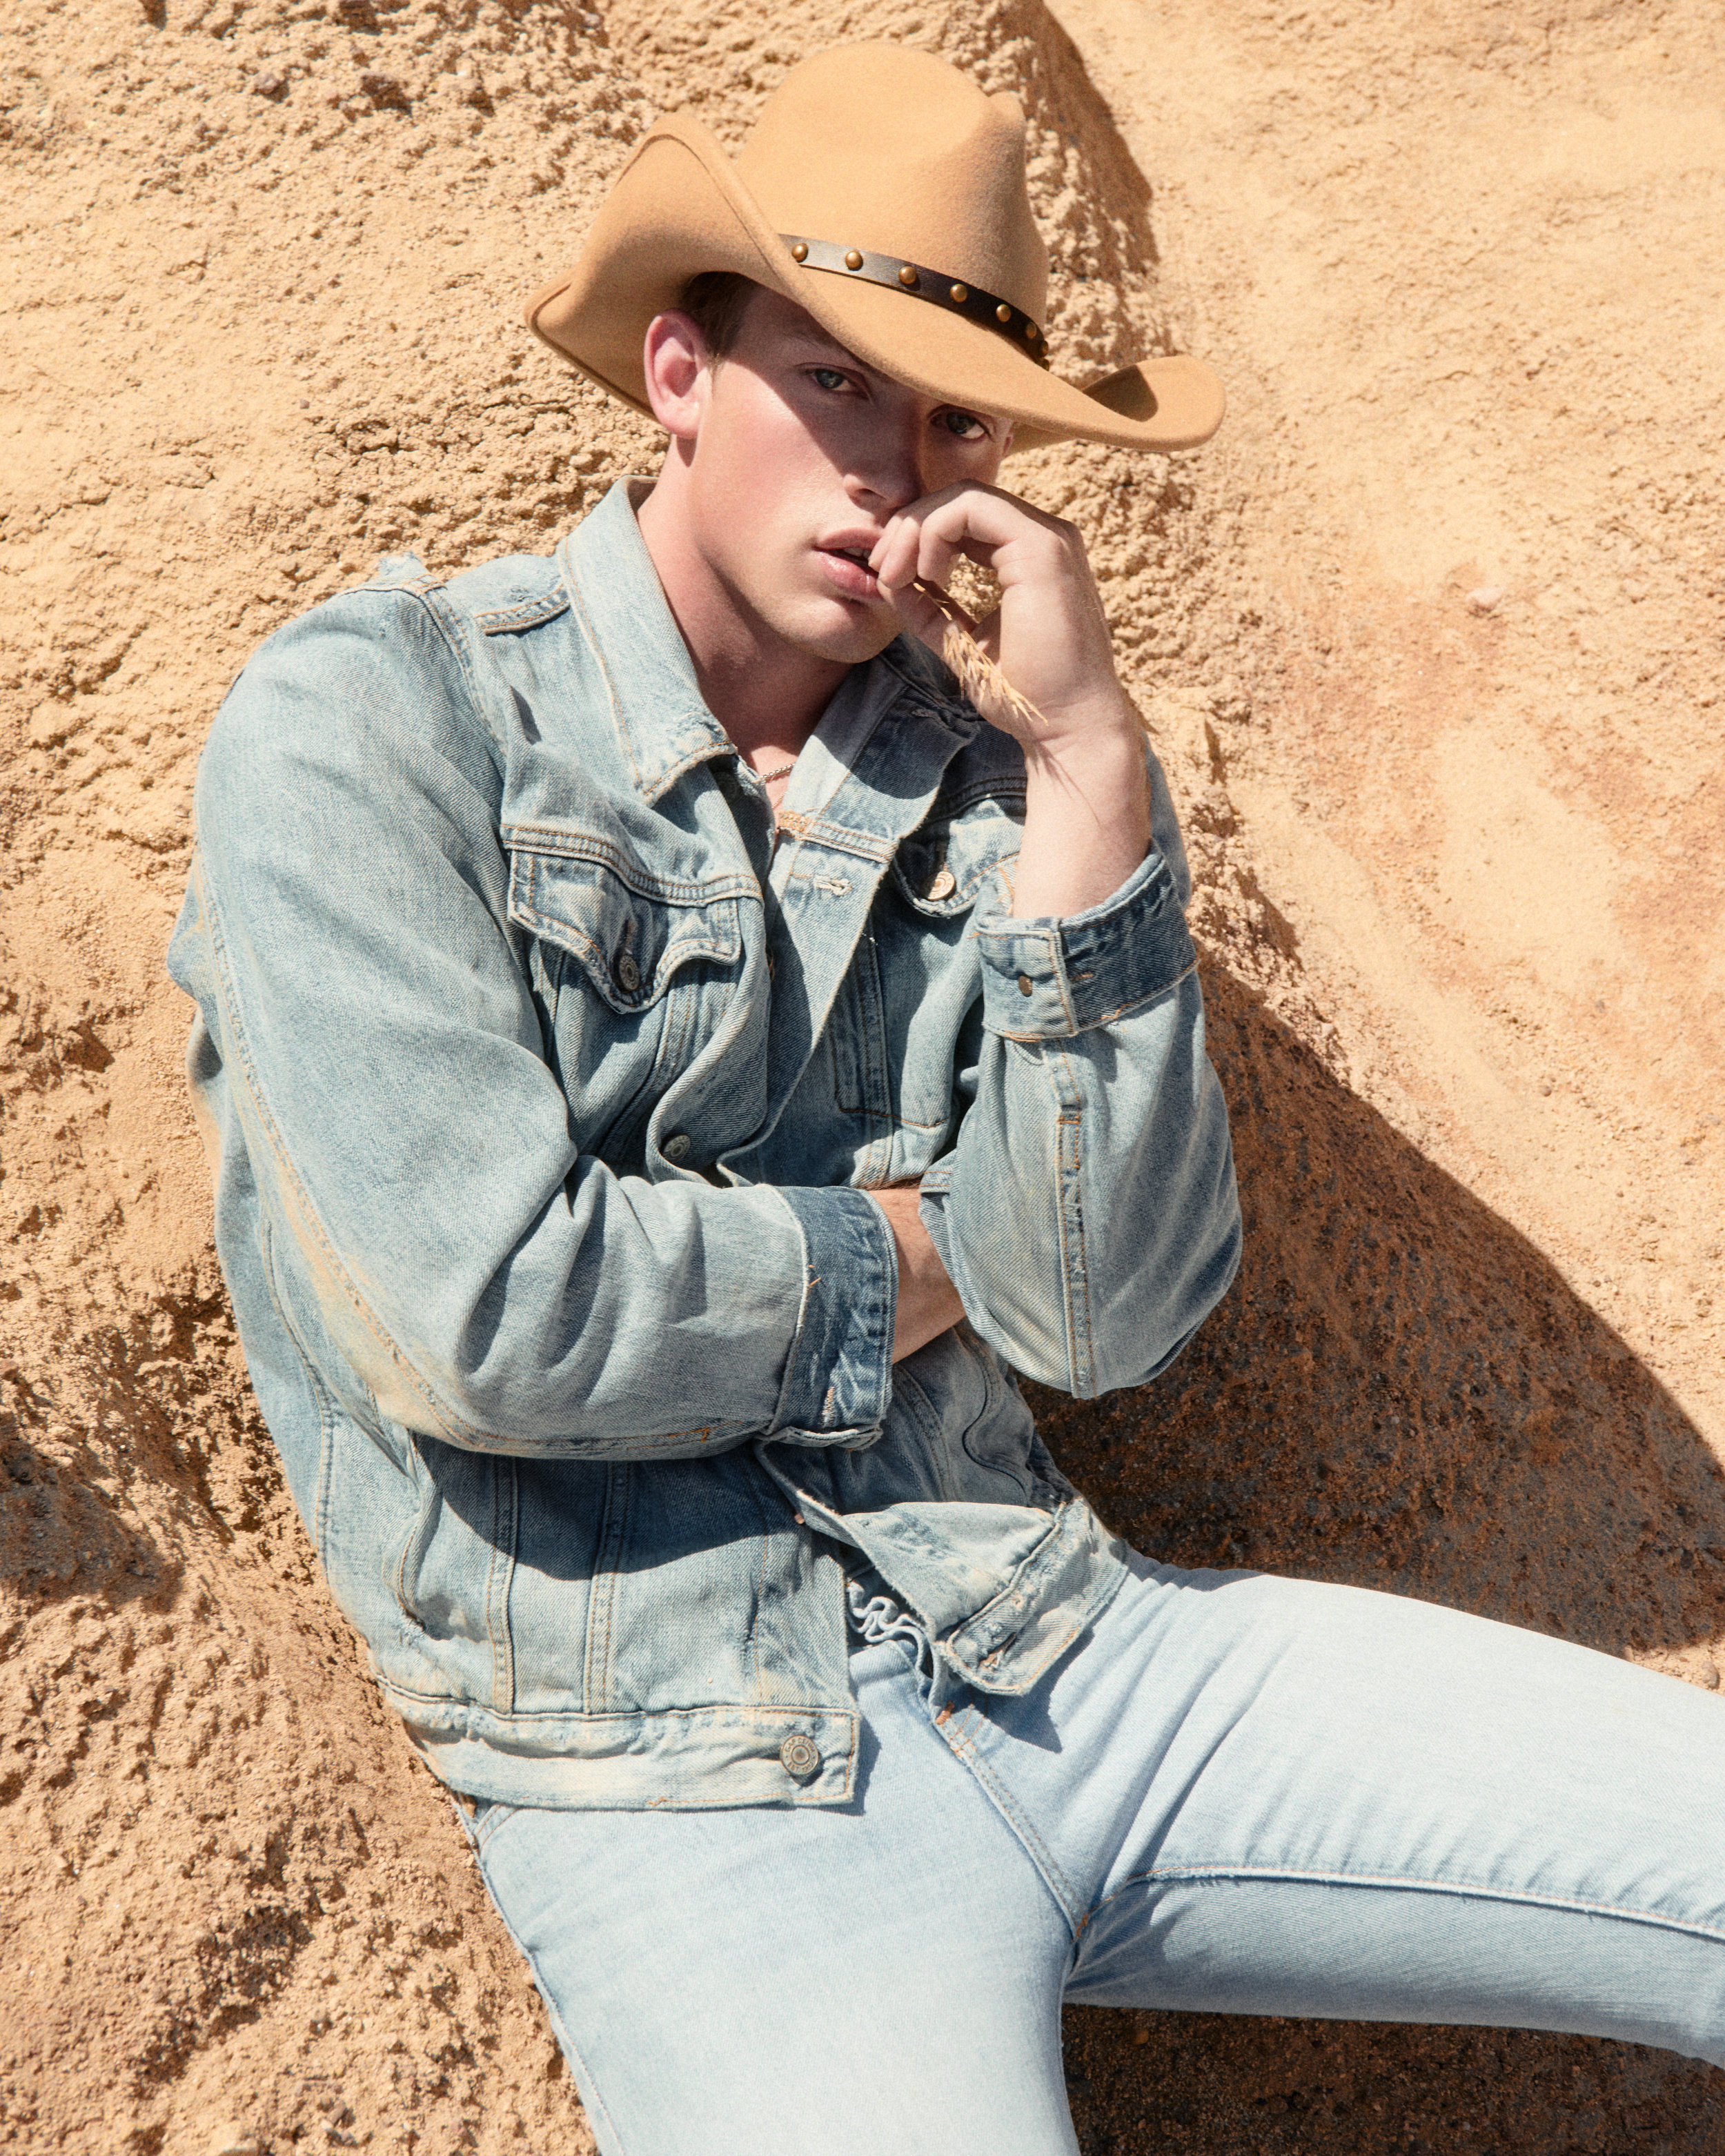 Hunter-Arthur-Tim-Sand-Sit-denim.jpg